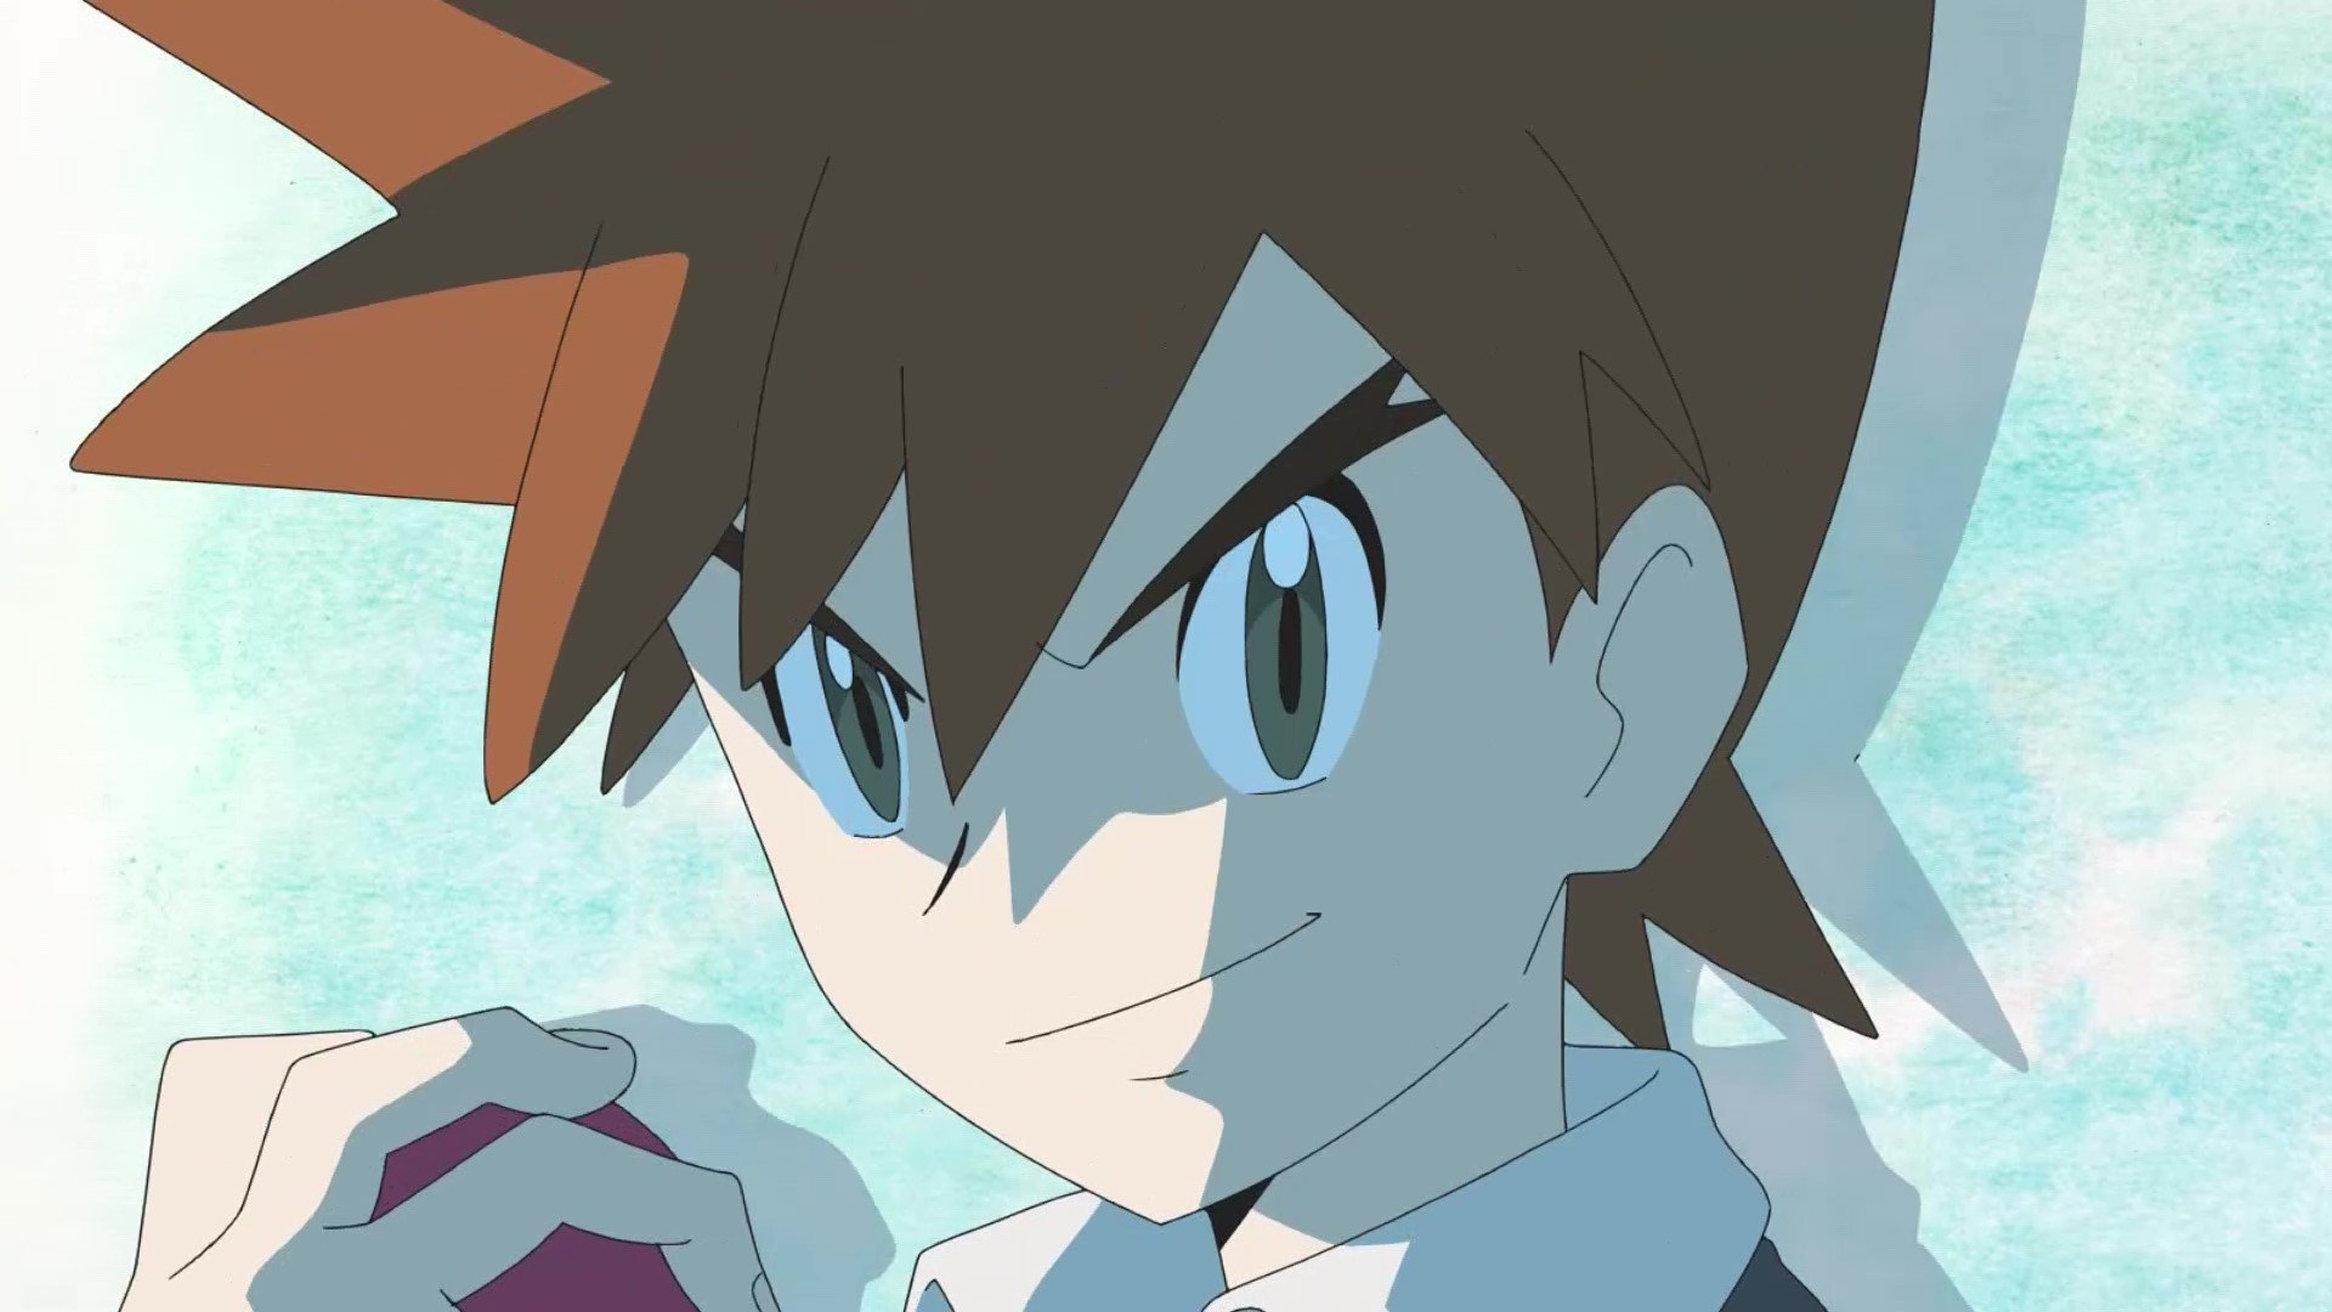 ポケモン アニメ、シゲルとアイリス登場が予告。約11年&7年ぶり再出演